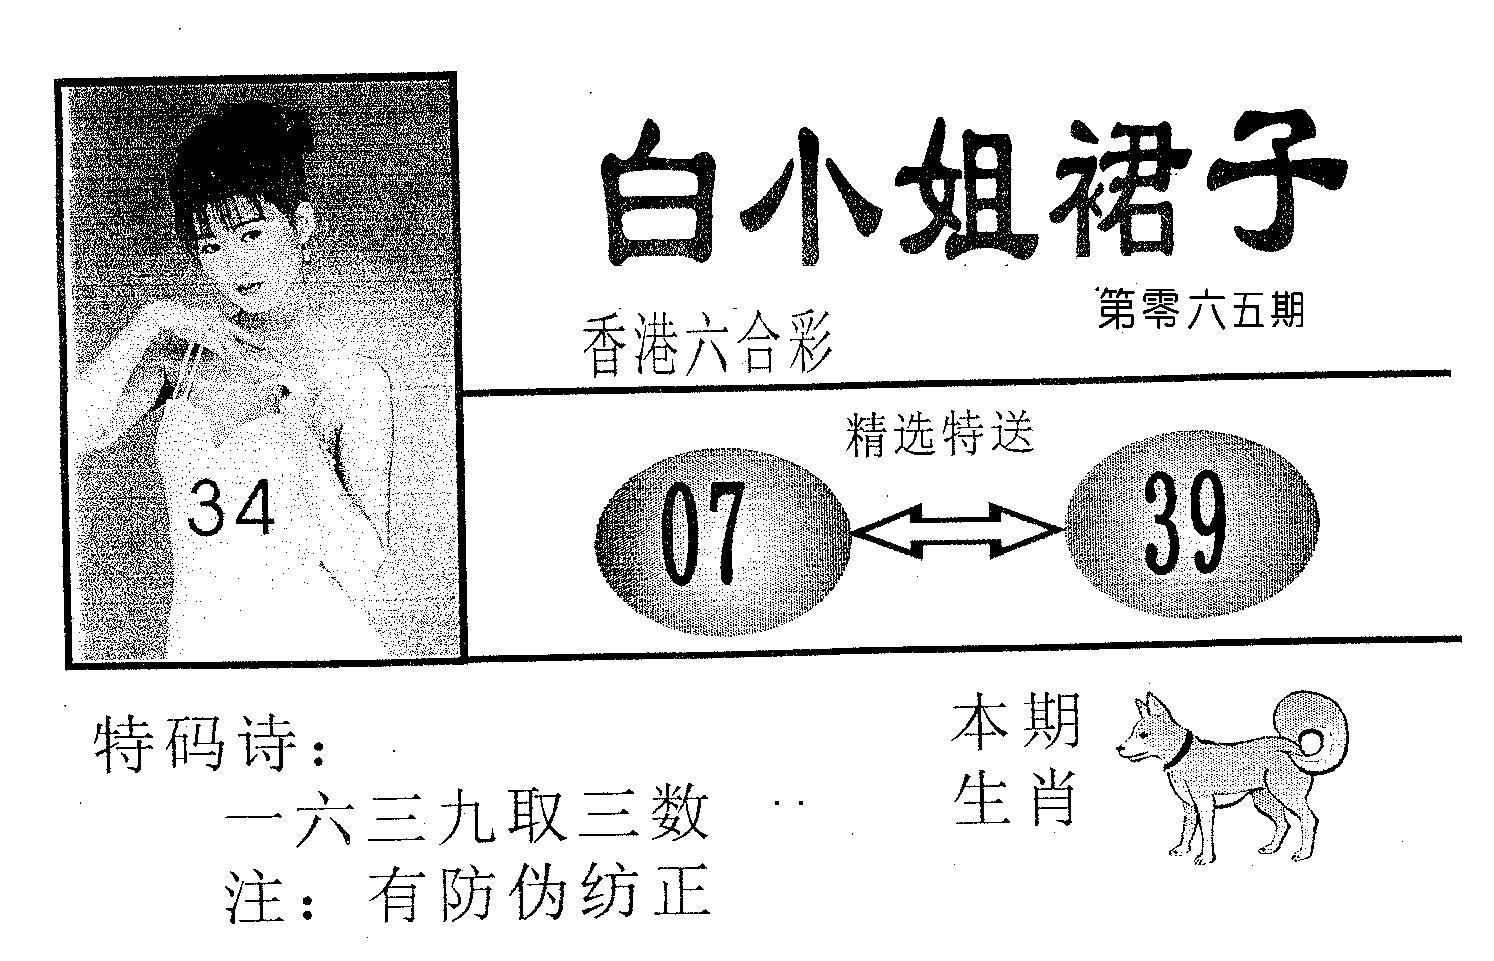 065期白姐裙子(黑白)